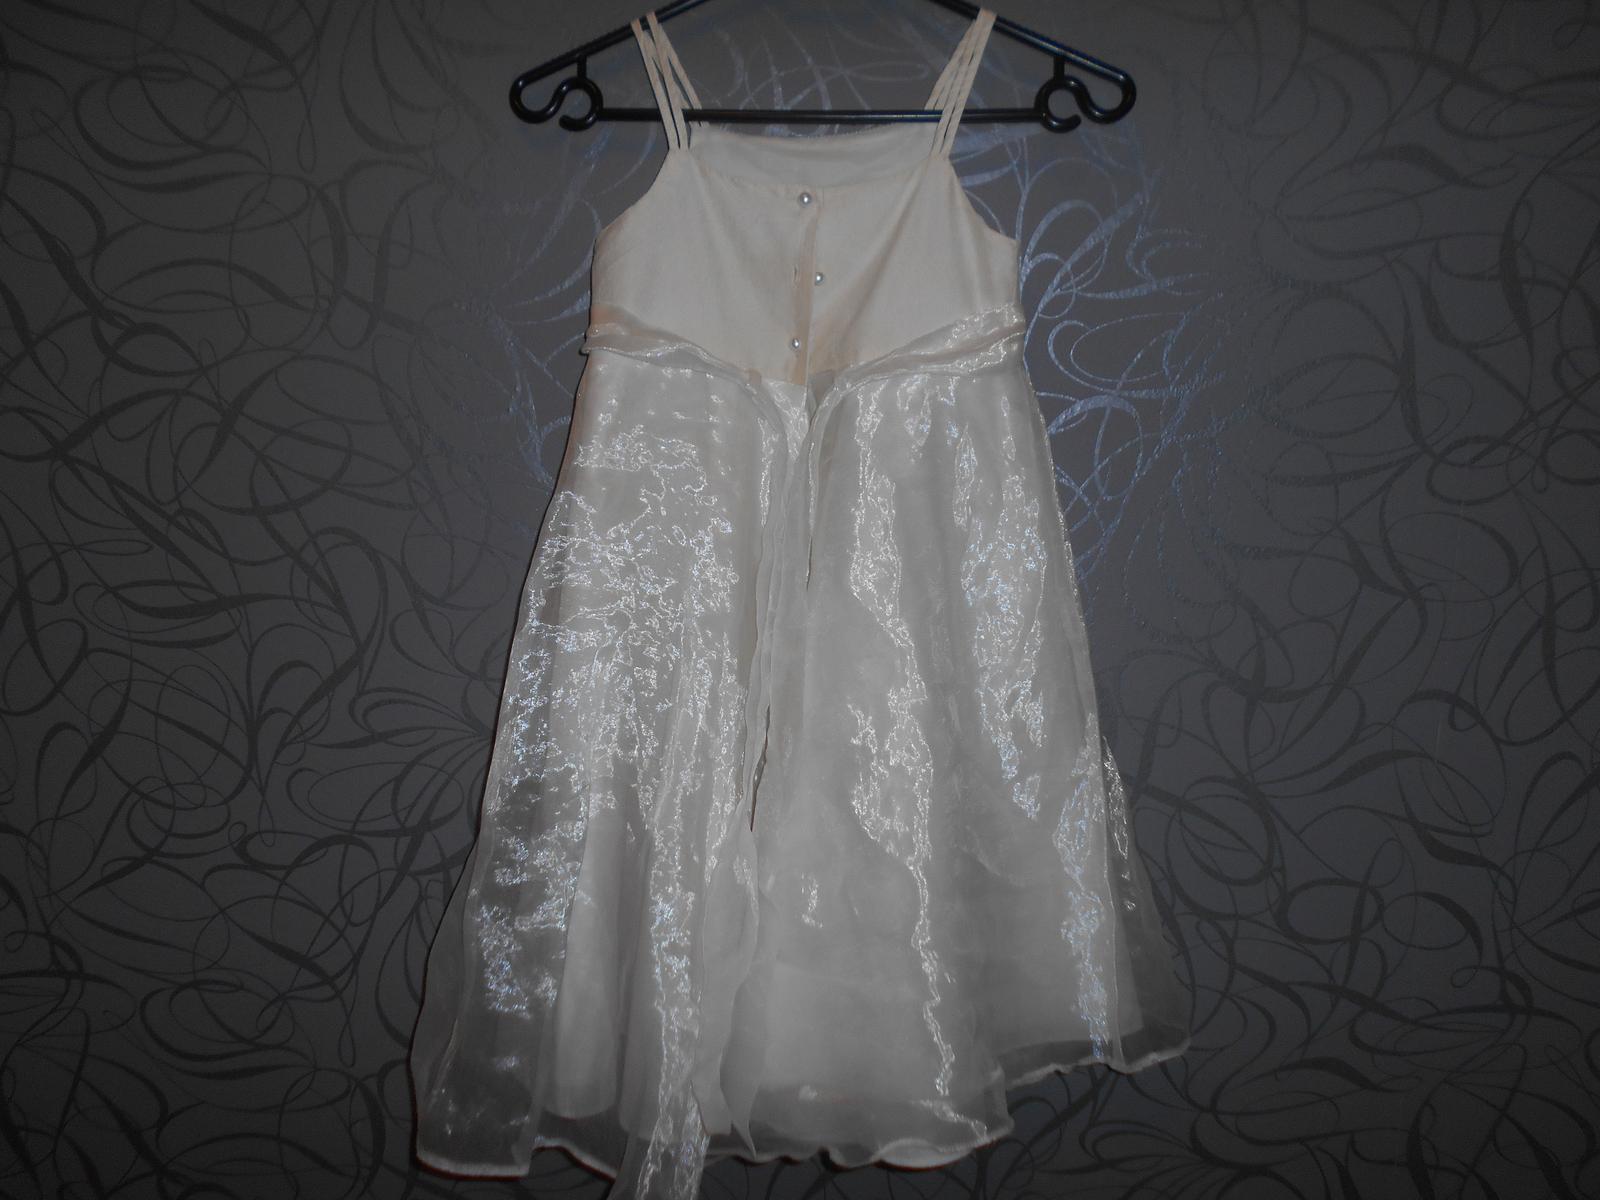 společenské šaty pro družíčku -srdíčka - Obrázek č. 3